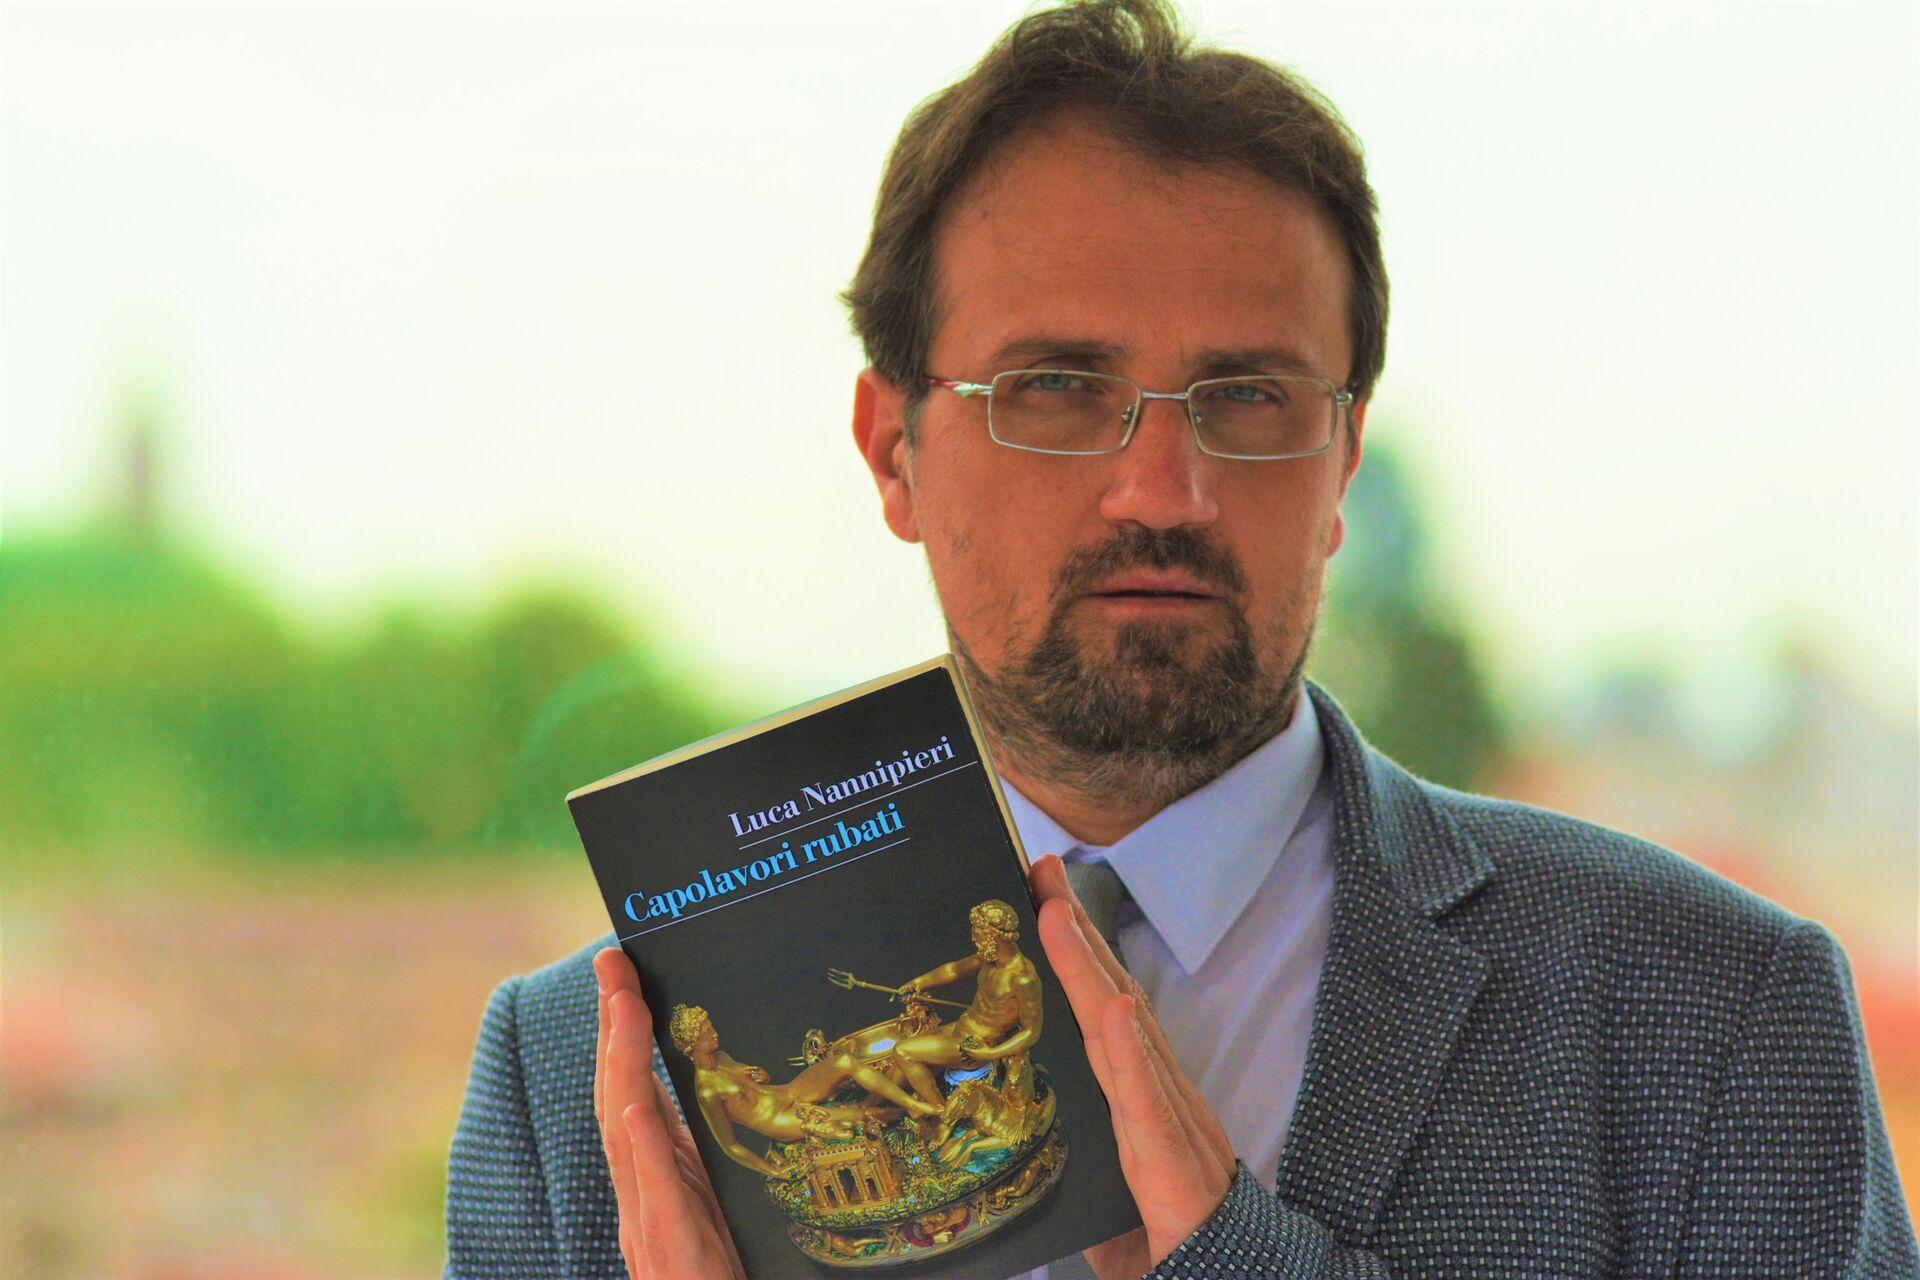 """Luca Nannipieri, storico dell'arte, autore del saggio """"Capolavori rubati""""  - Sputnik Italia, 1920, 06.10.2021"""